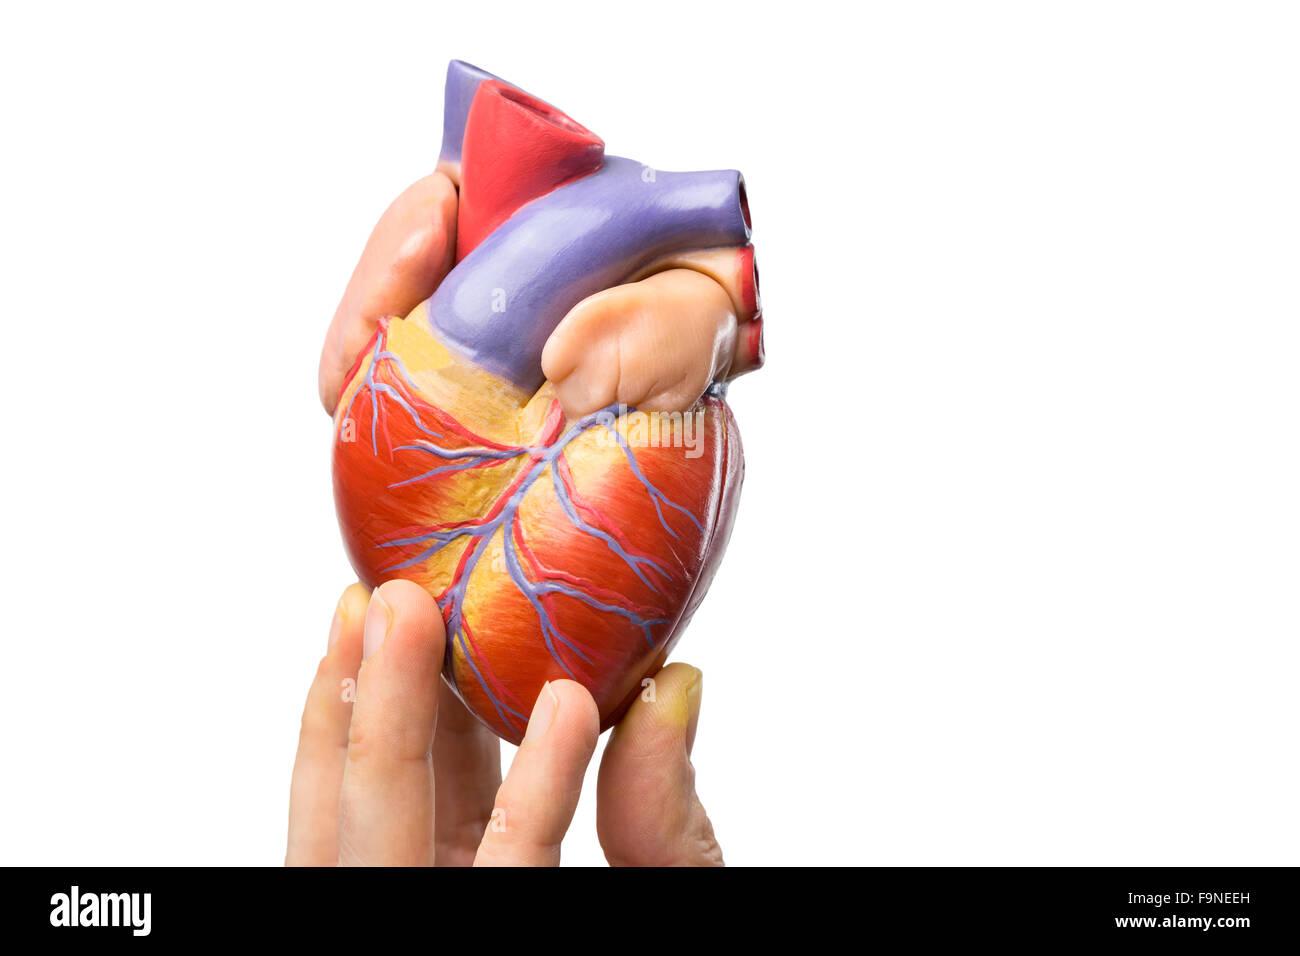 Dedos mostrando el modelo de corazón humano aislado sobre fondo ...